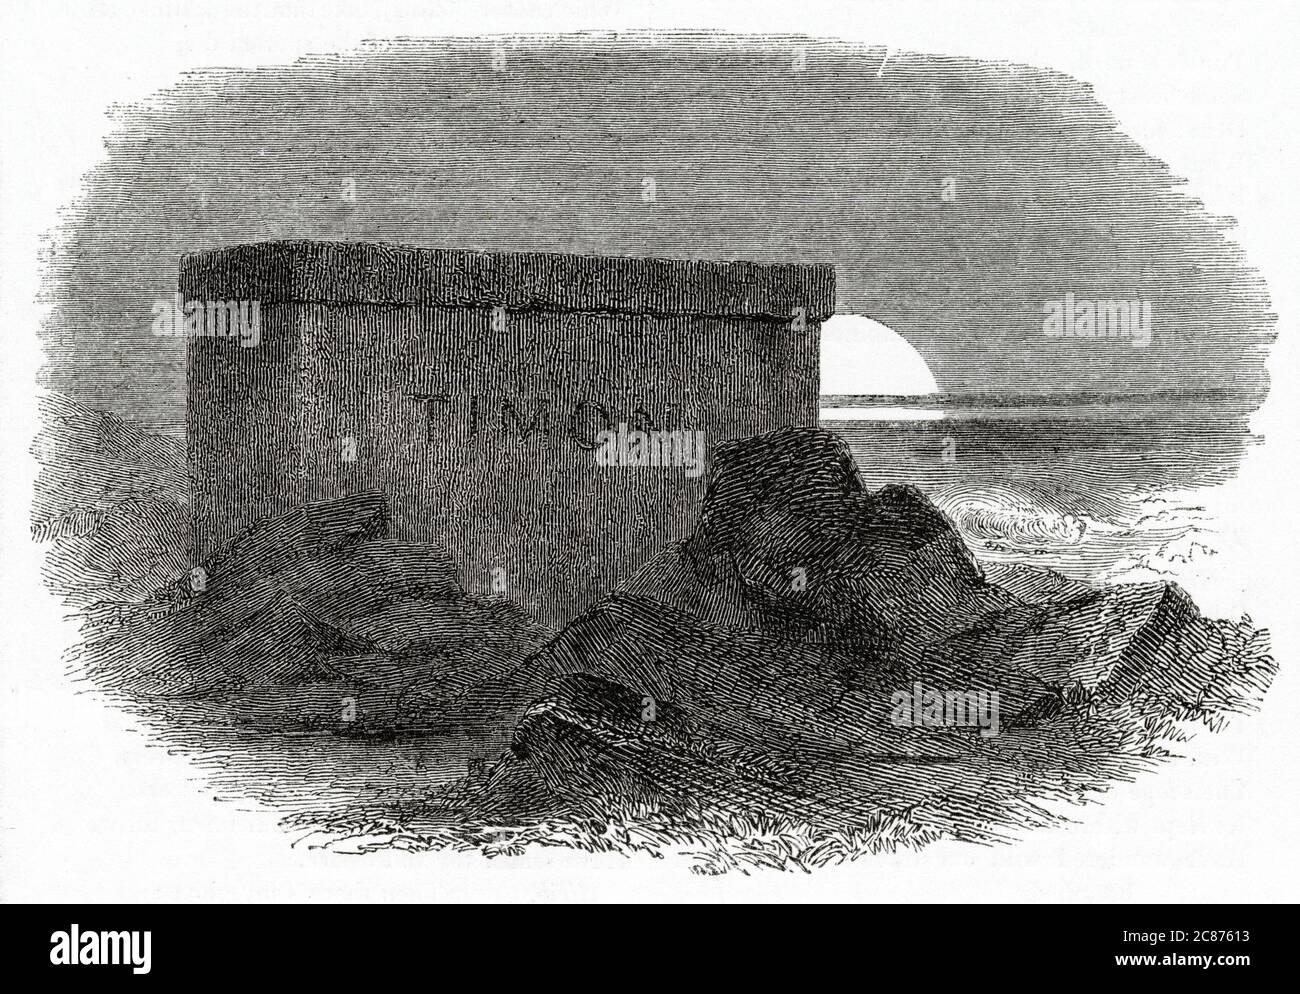 Illustration von Kenny Meadows zu Timon von Athen, von William Shakespeare. Endstück Design, zeigt Timons Grab. Datum: 1840 Stockfoto